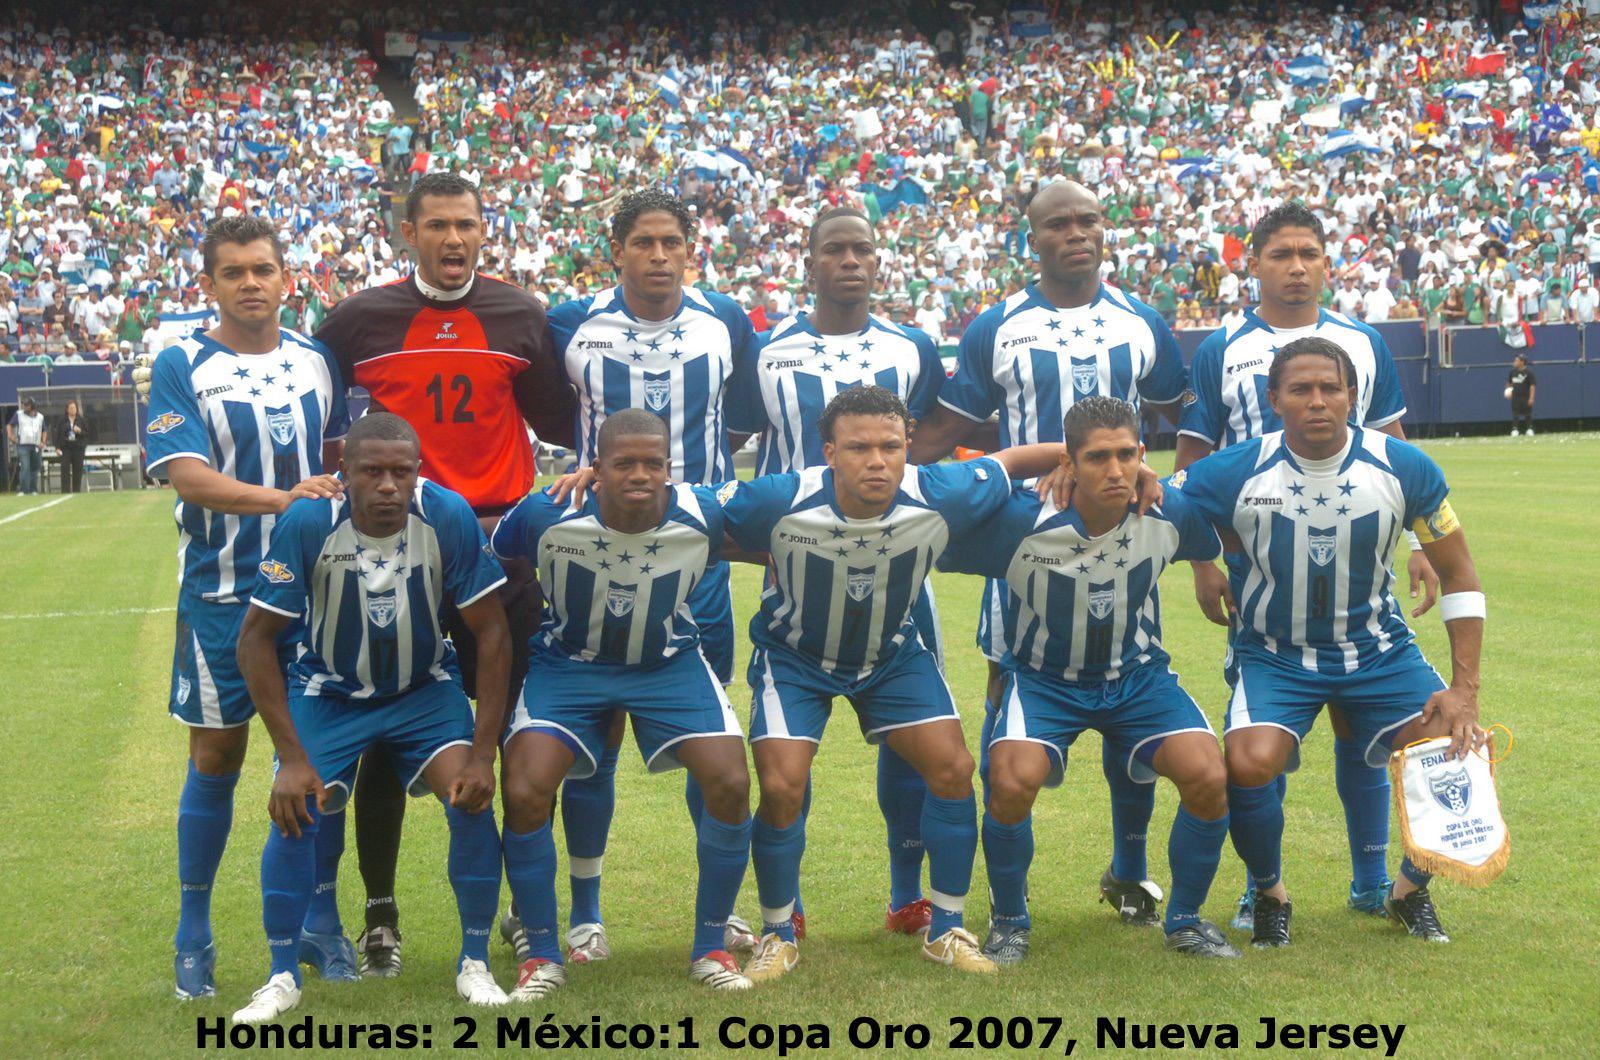 Honduras Mexico Copa Oro 2007